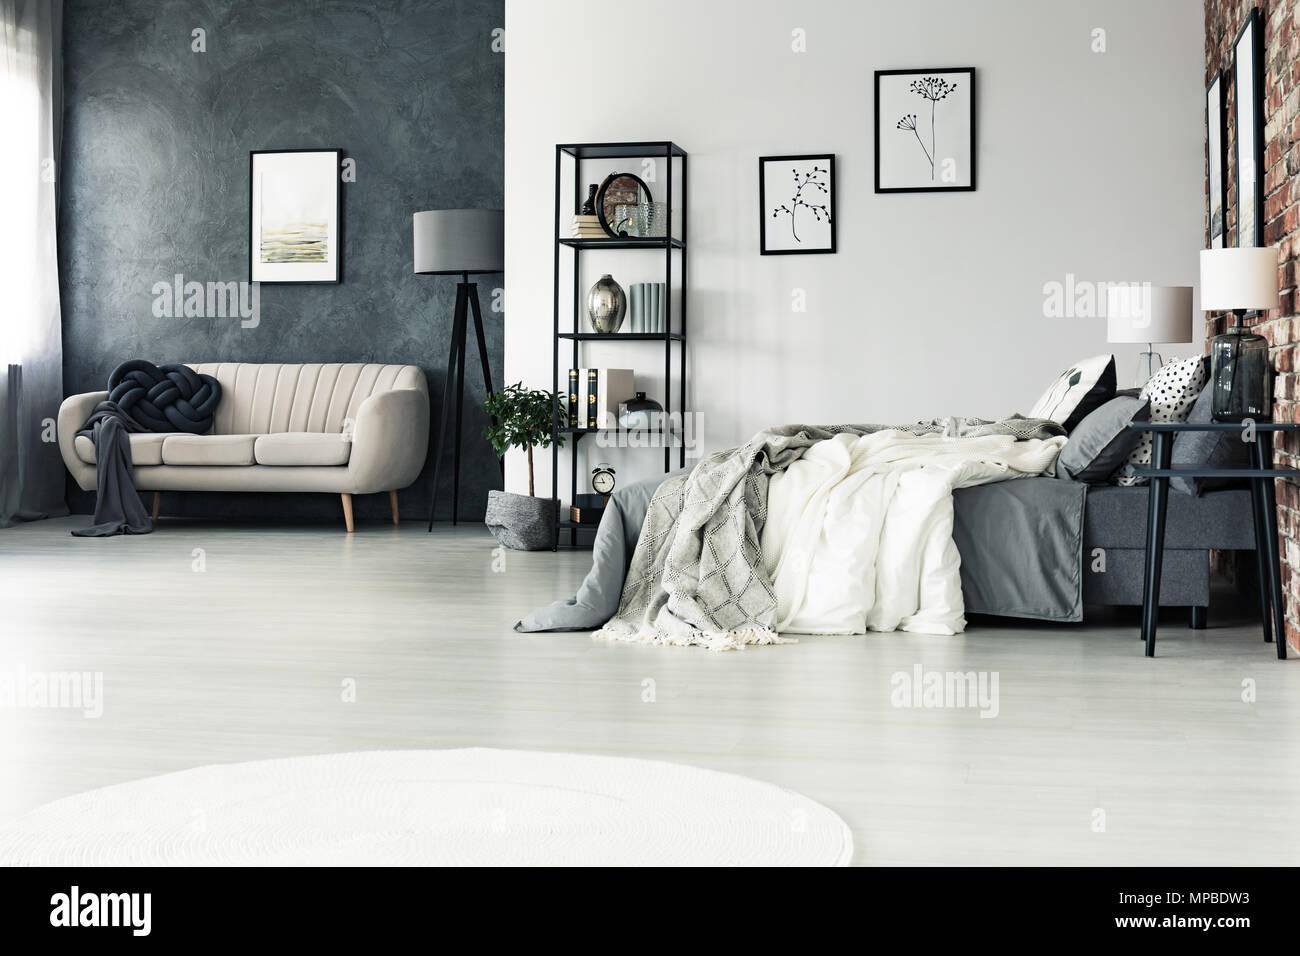 Camere spaziose, grigio multifunzionale camera da letto con divano ...